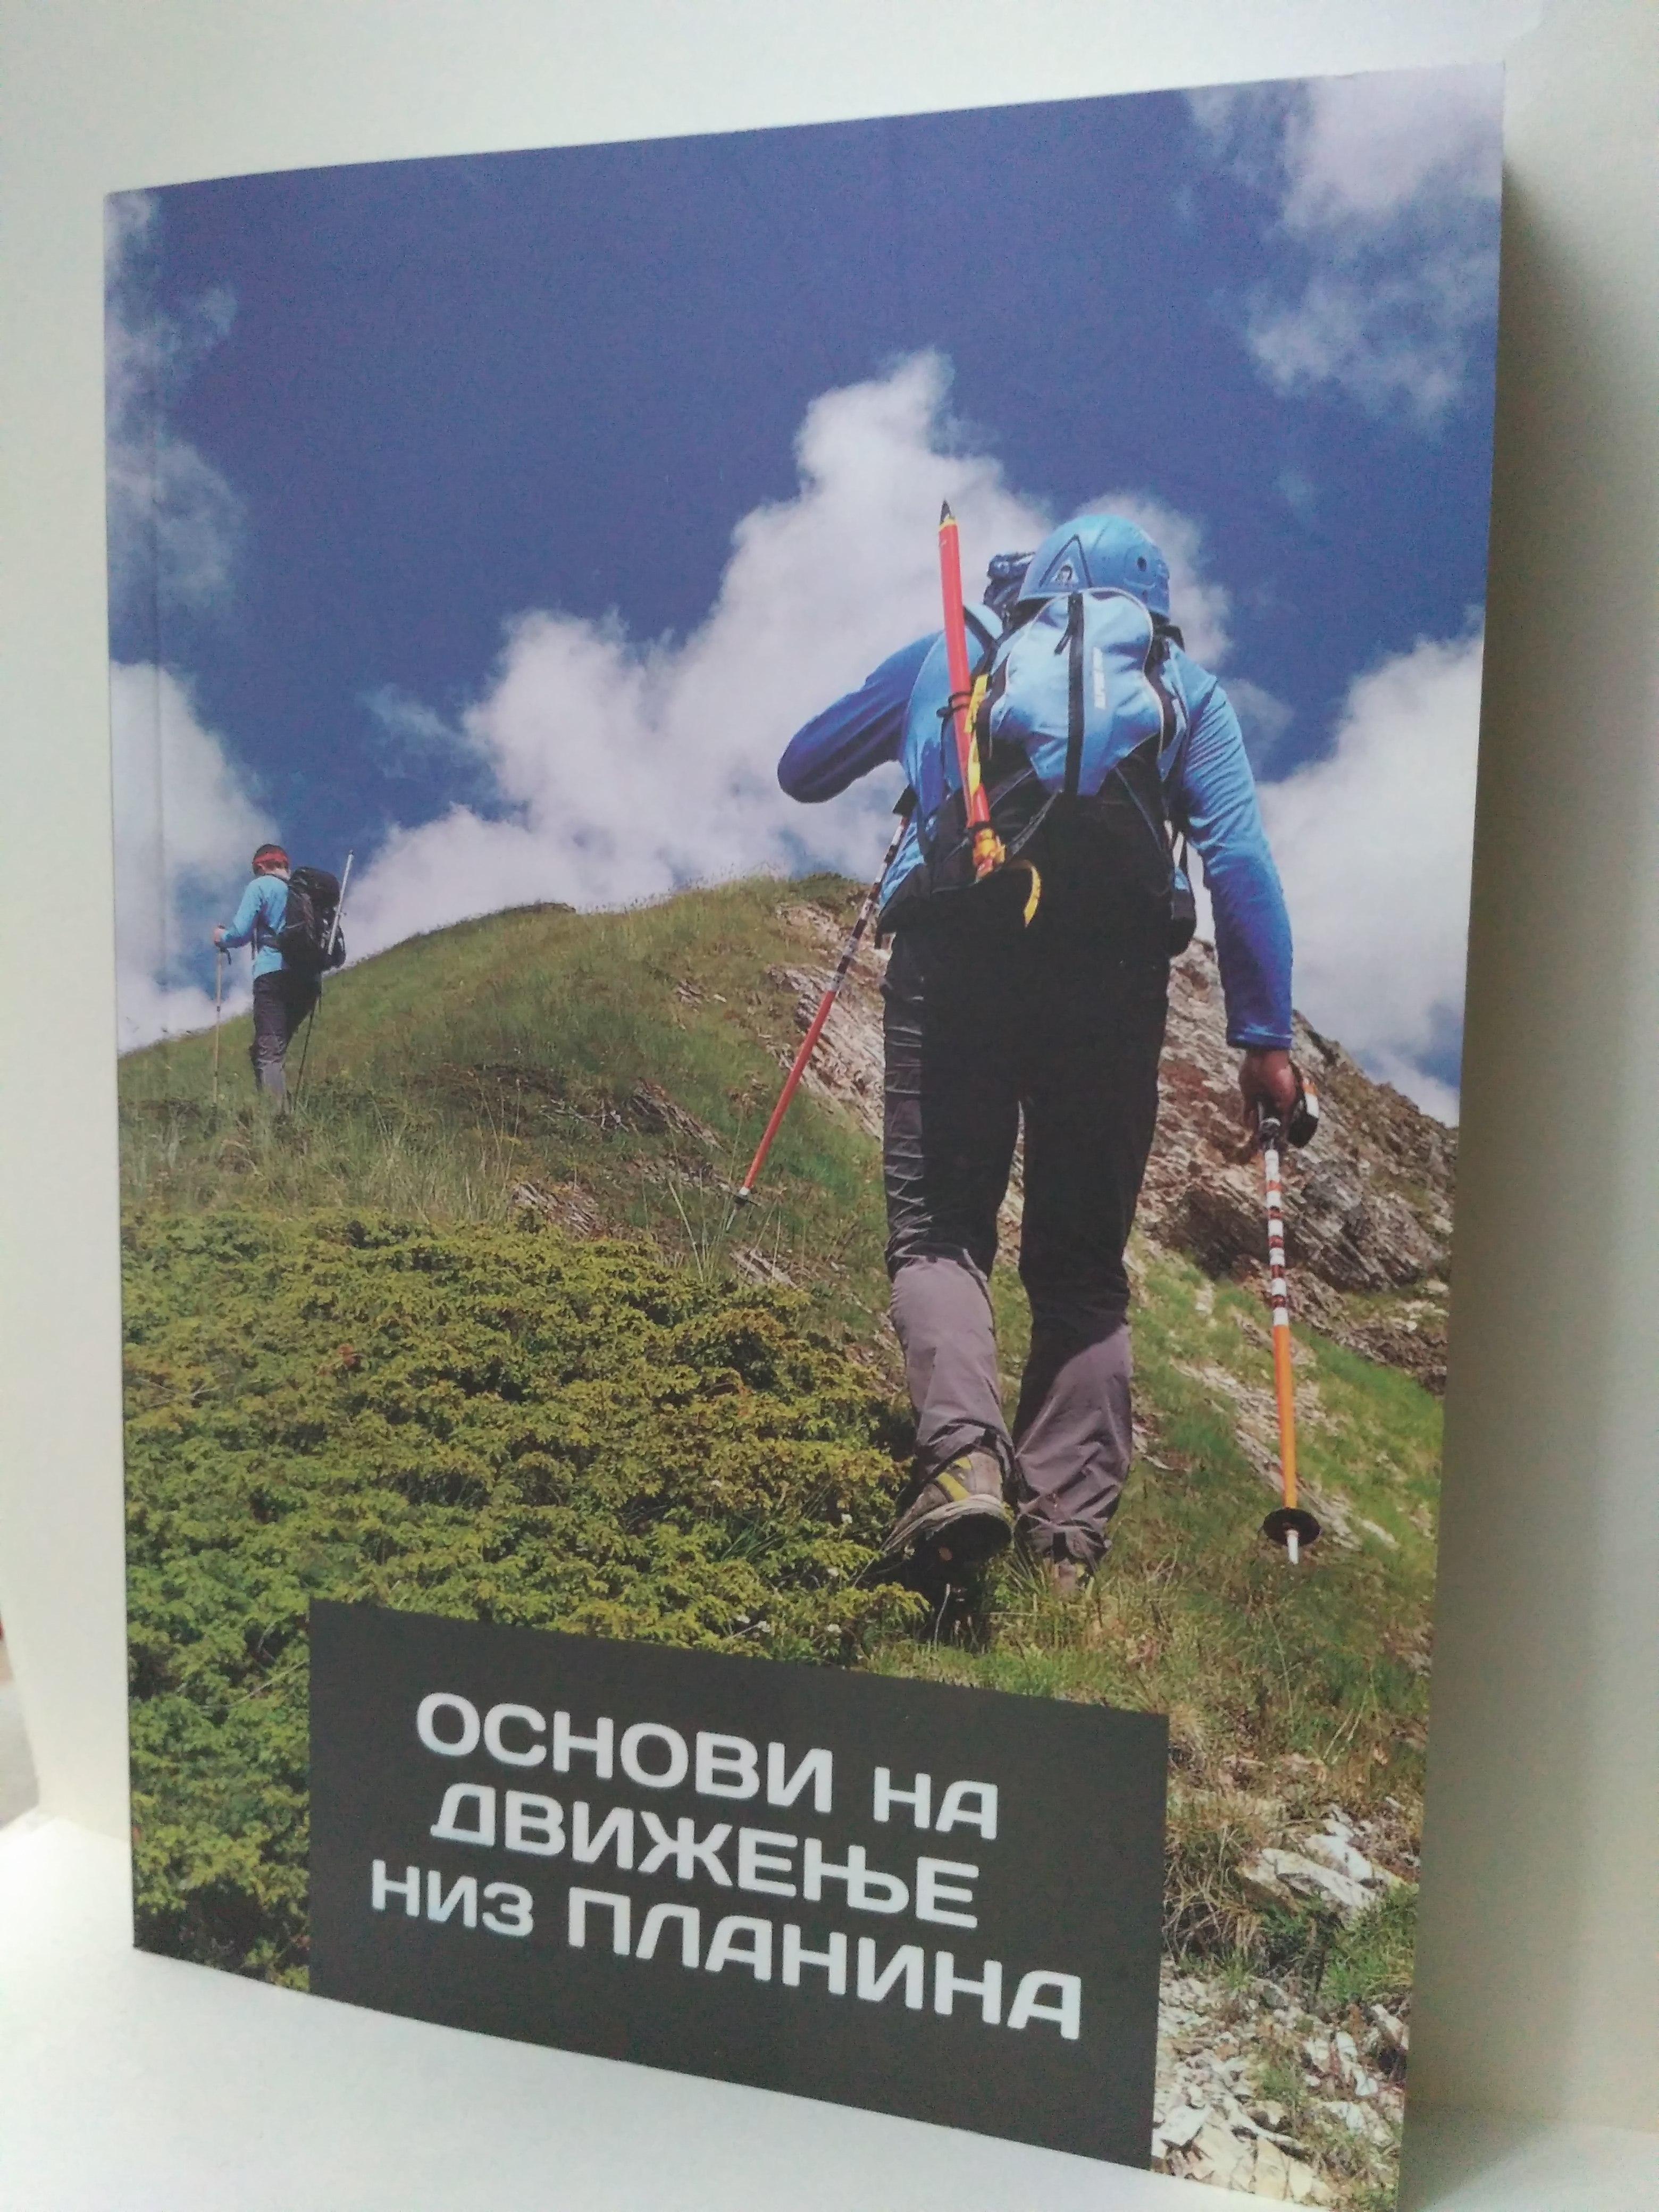 Основи на движење во планина